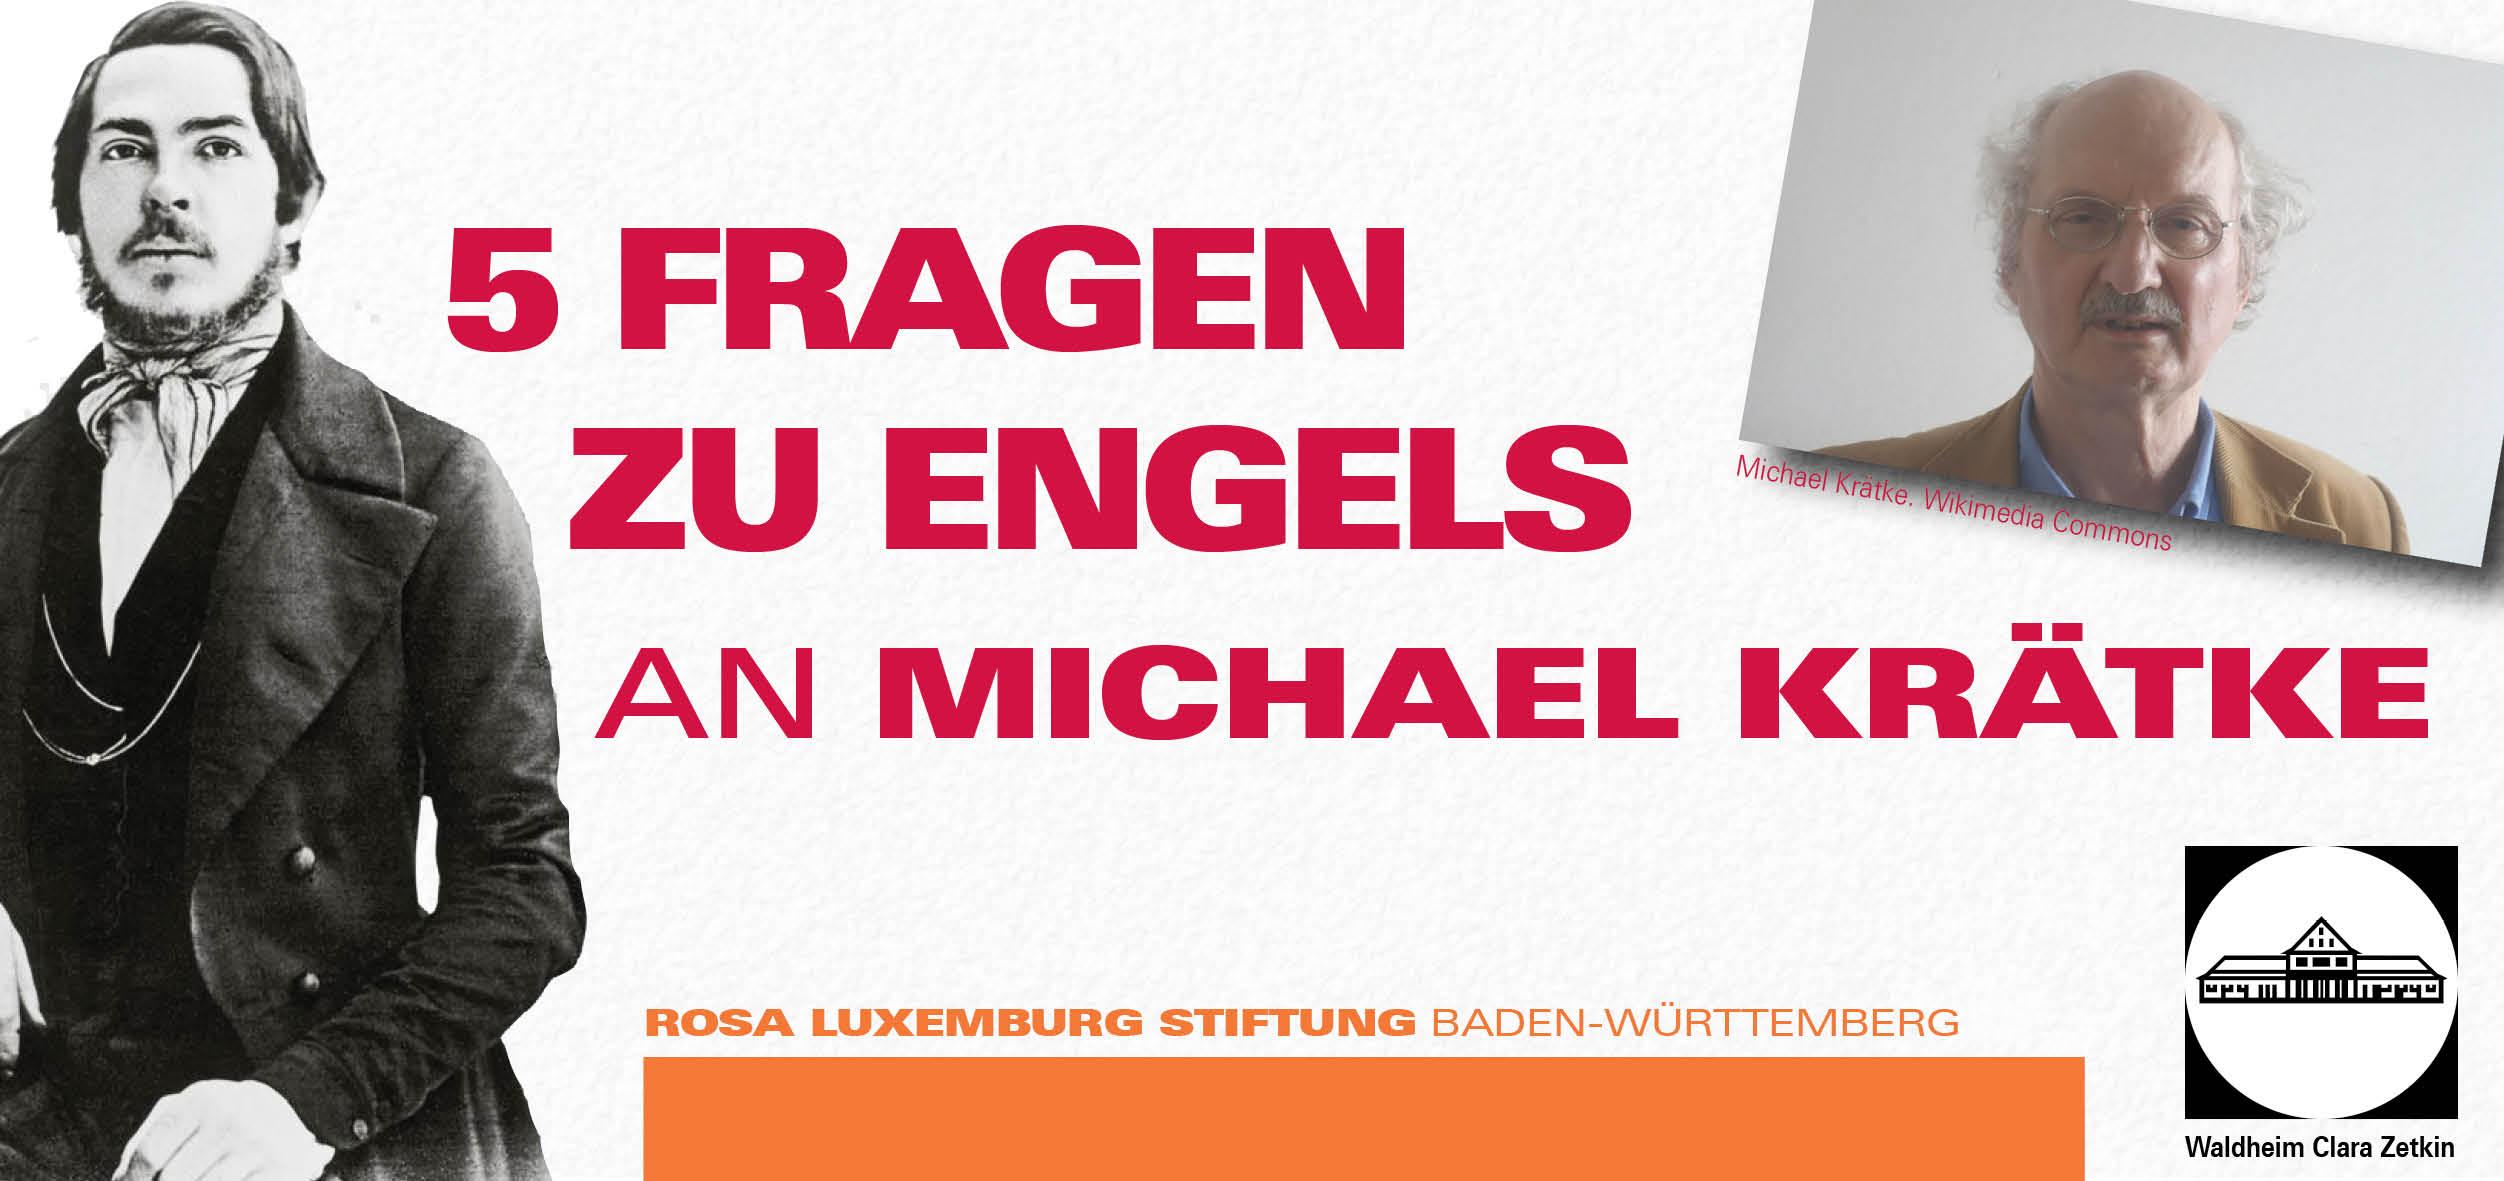 5 Fragen zu Engels an Michael Krätke